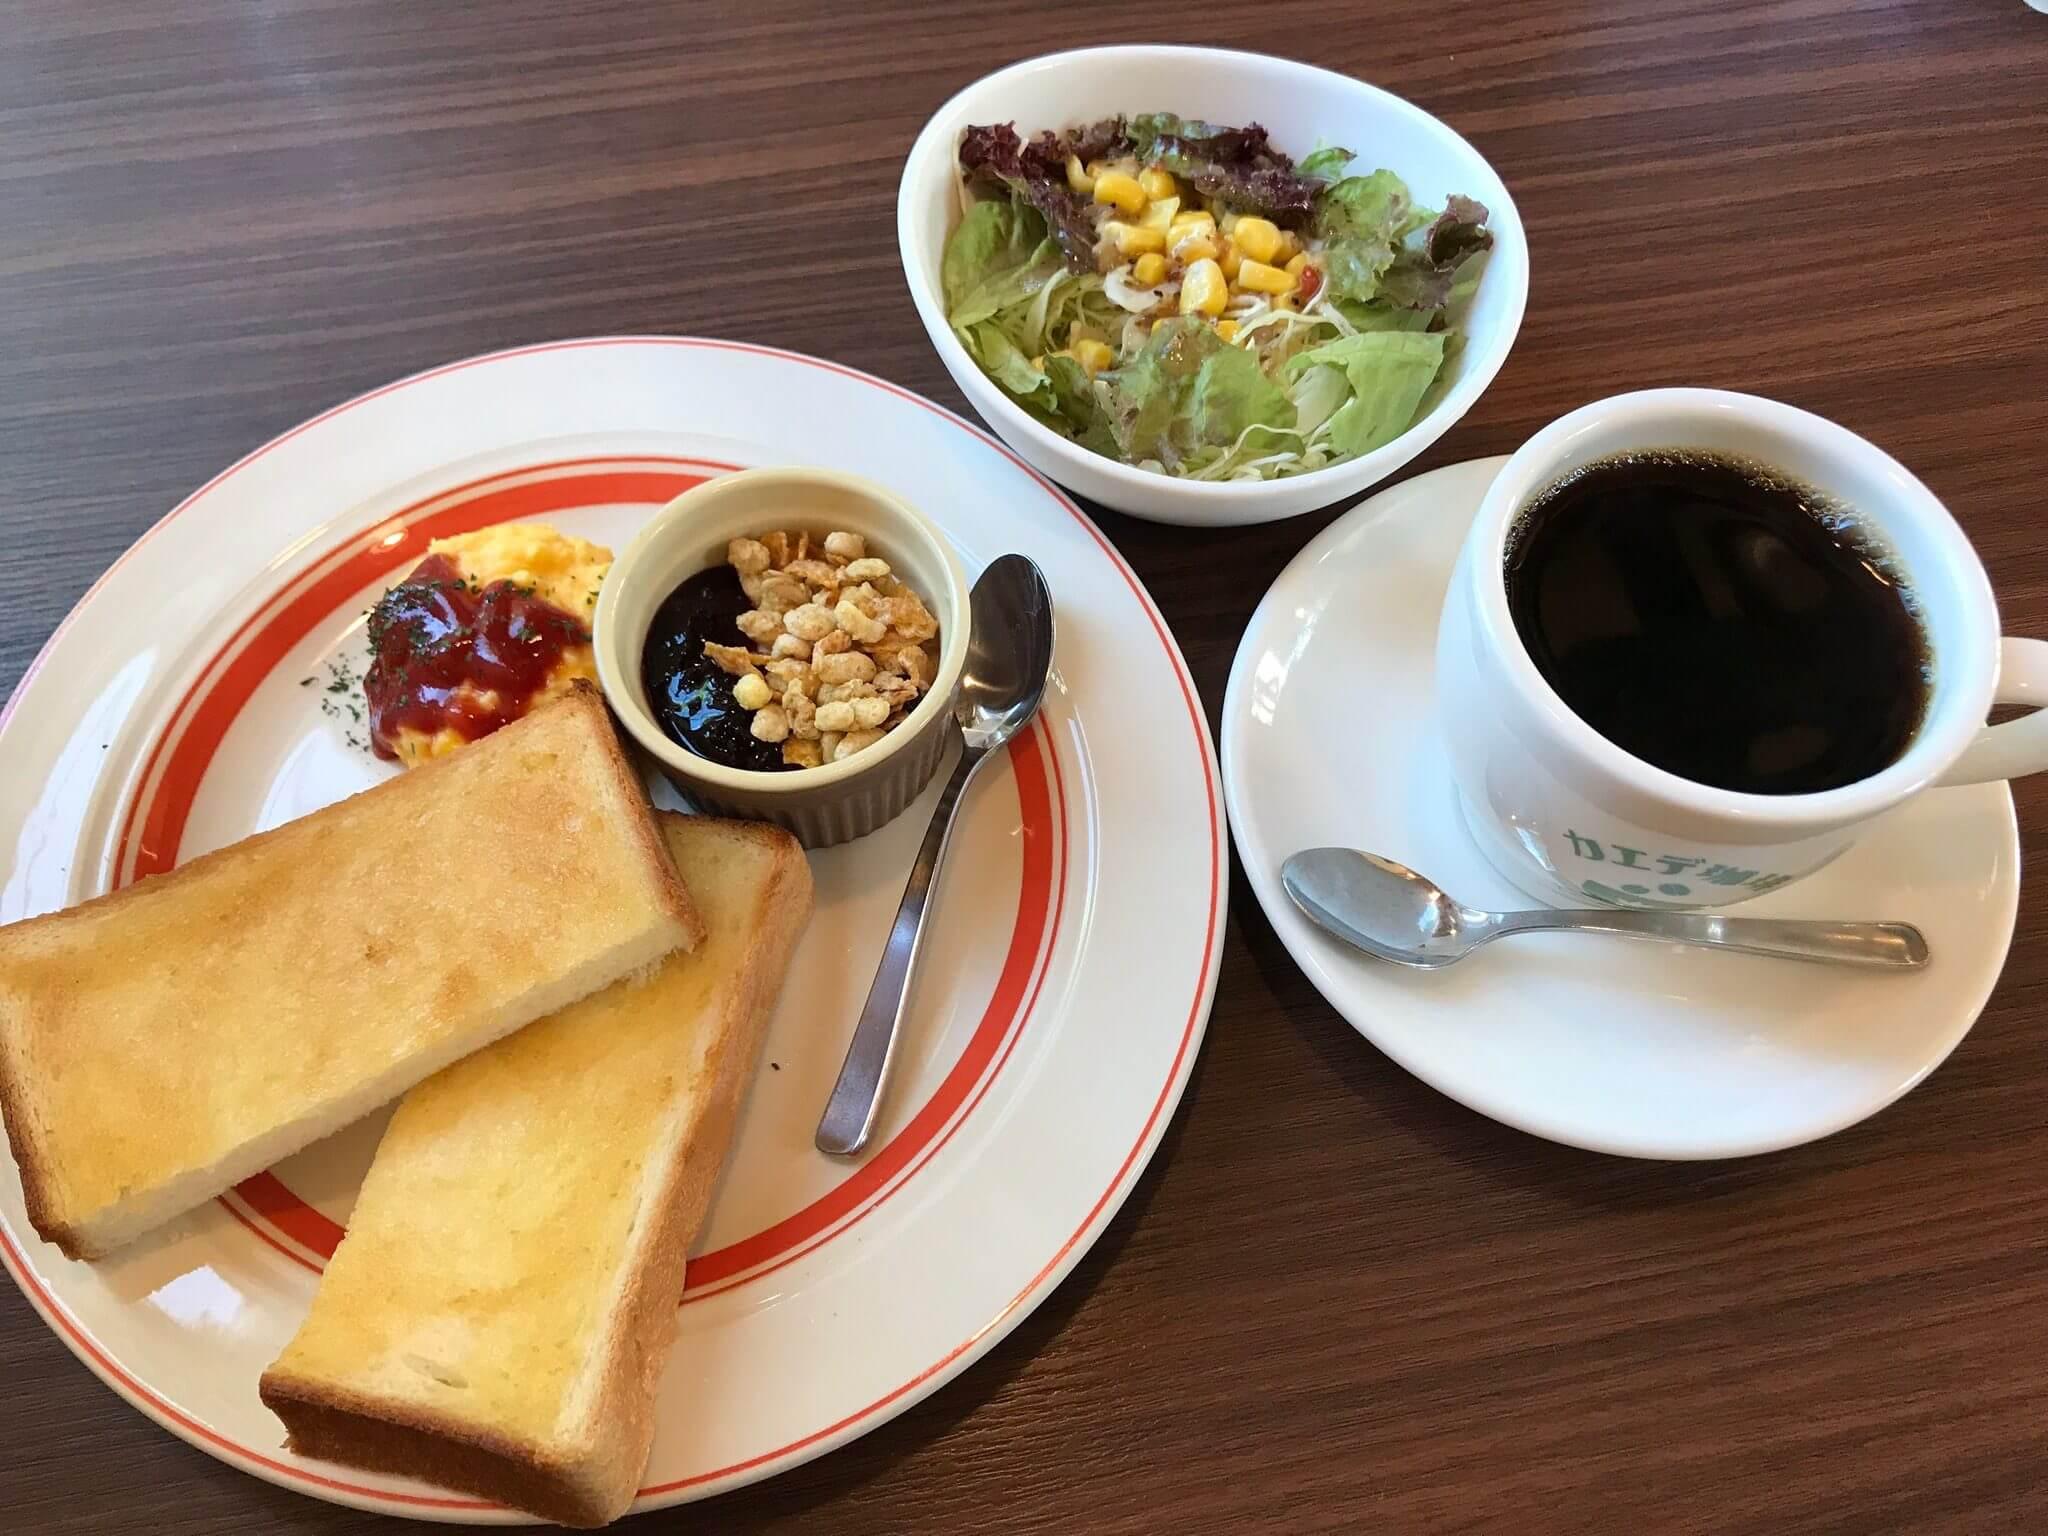 「 カエデ珈琲 」コーヒー頼めば無料の至福の時。カエデ珈琲のモーニング♫